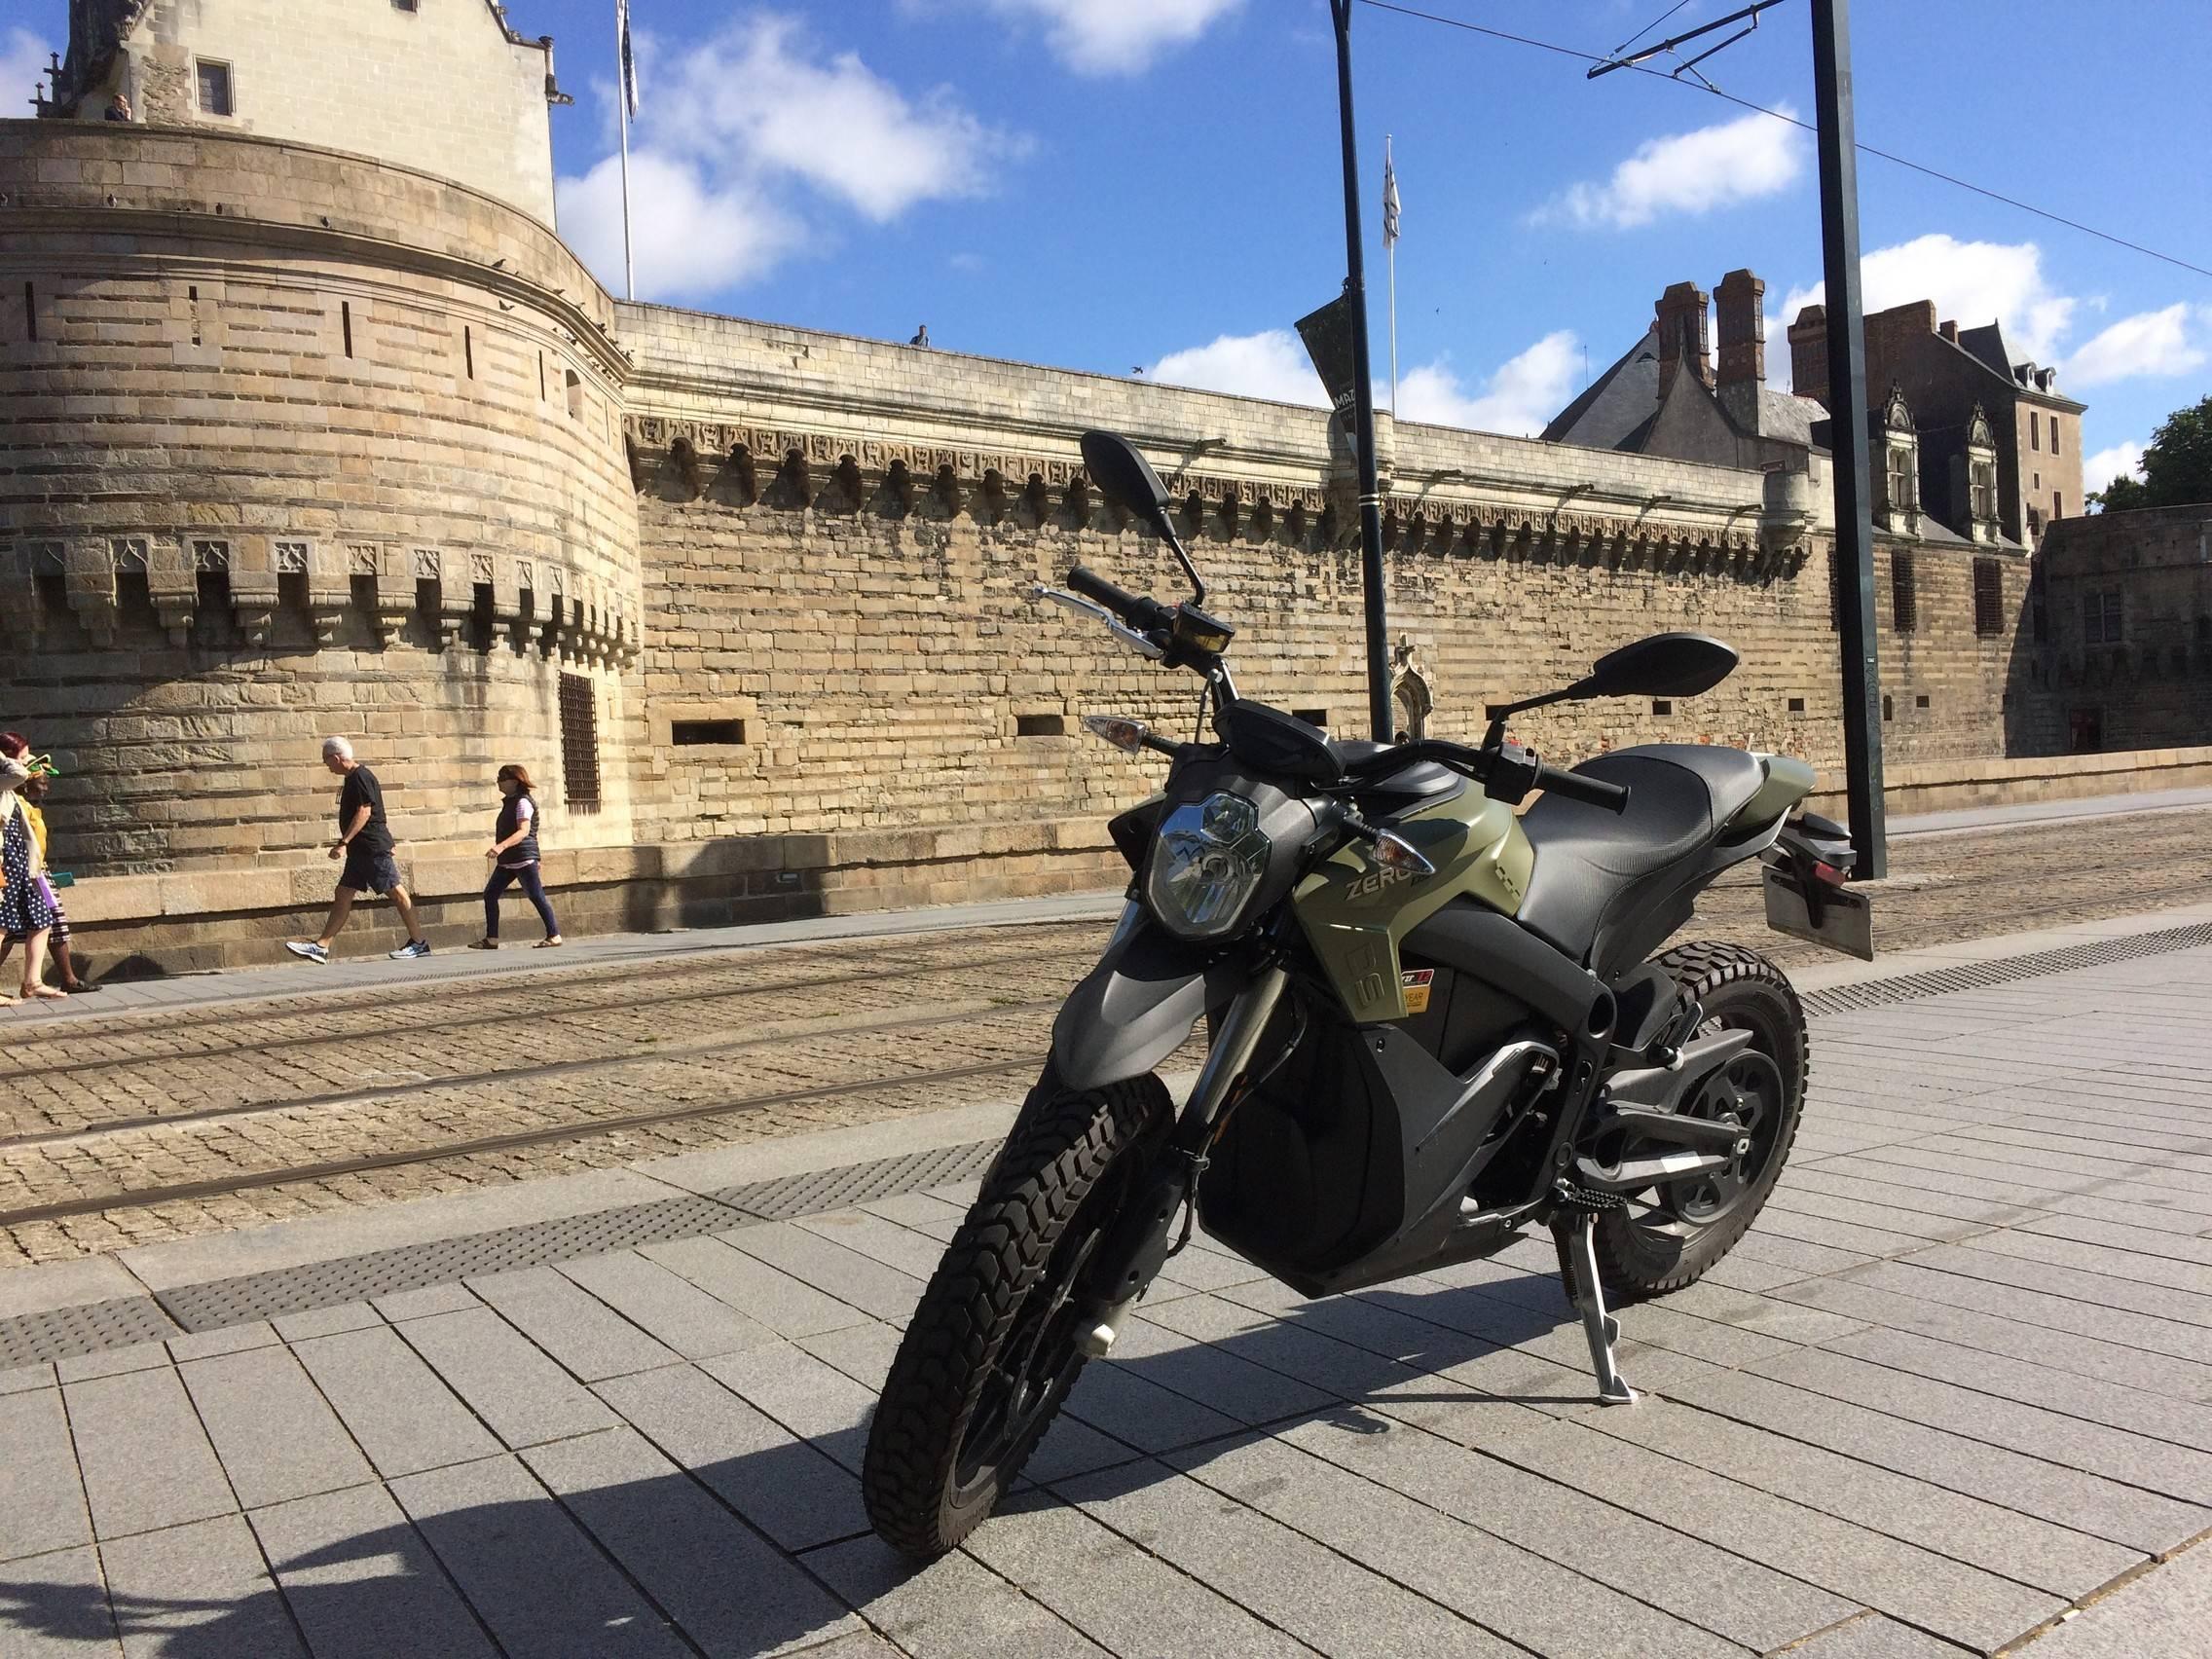 ESSAI Zéro 125 DS, la moto pas si nulle…